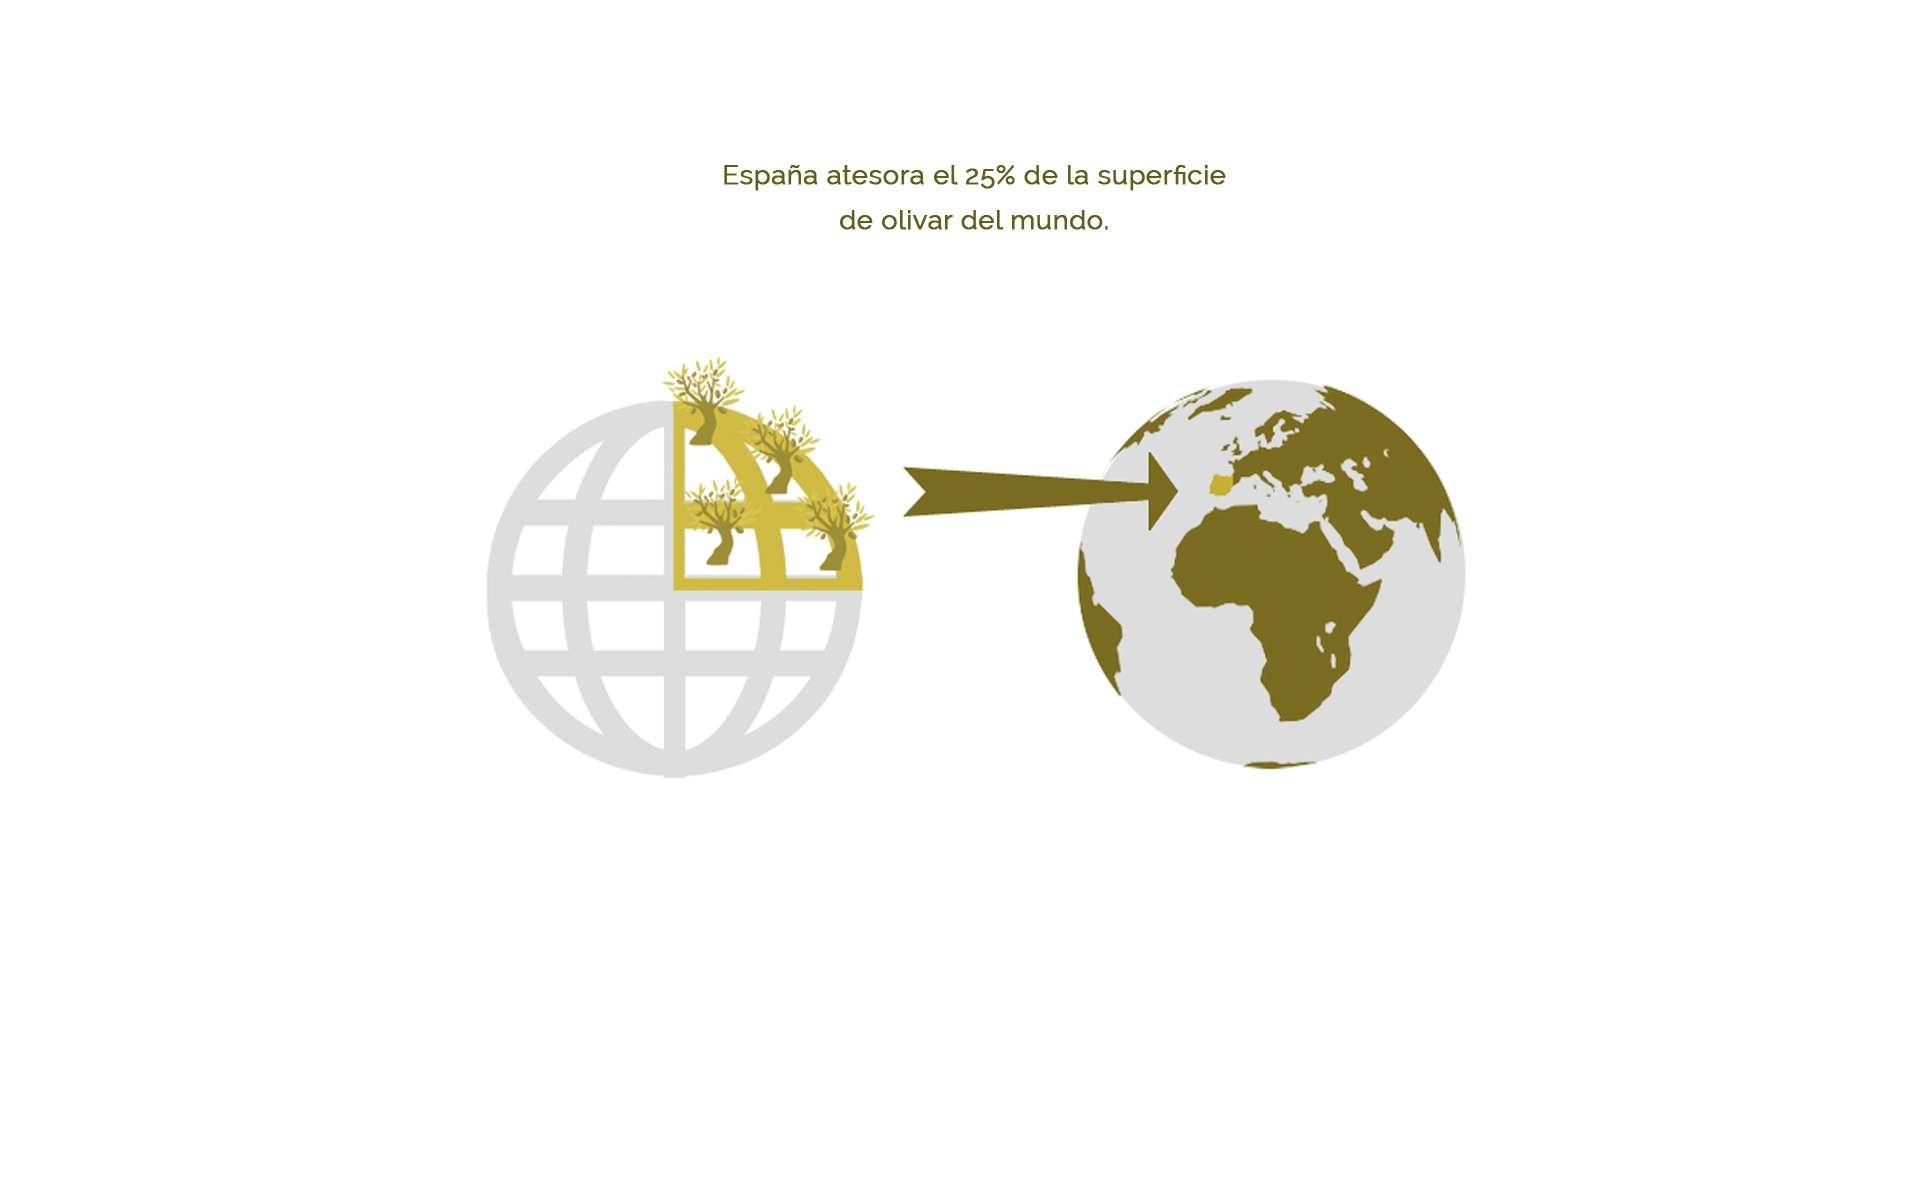 España atesora el 25% de la superficie de olivar del mundo